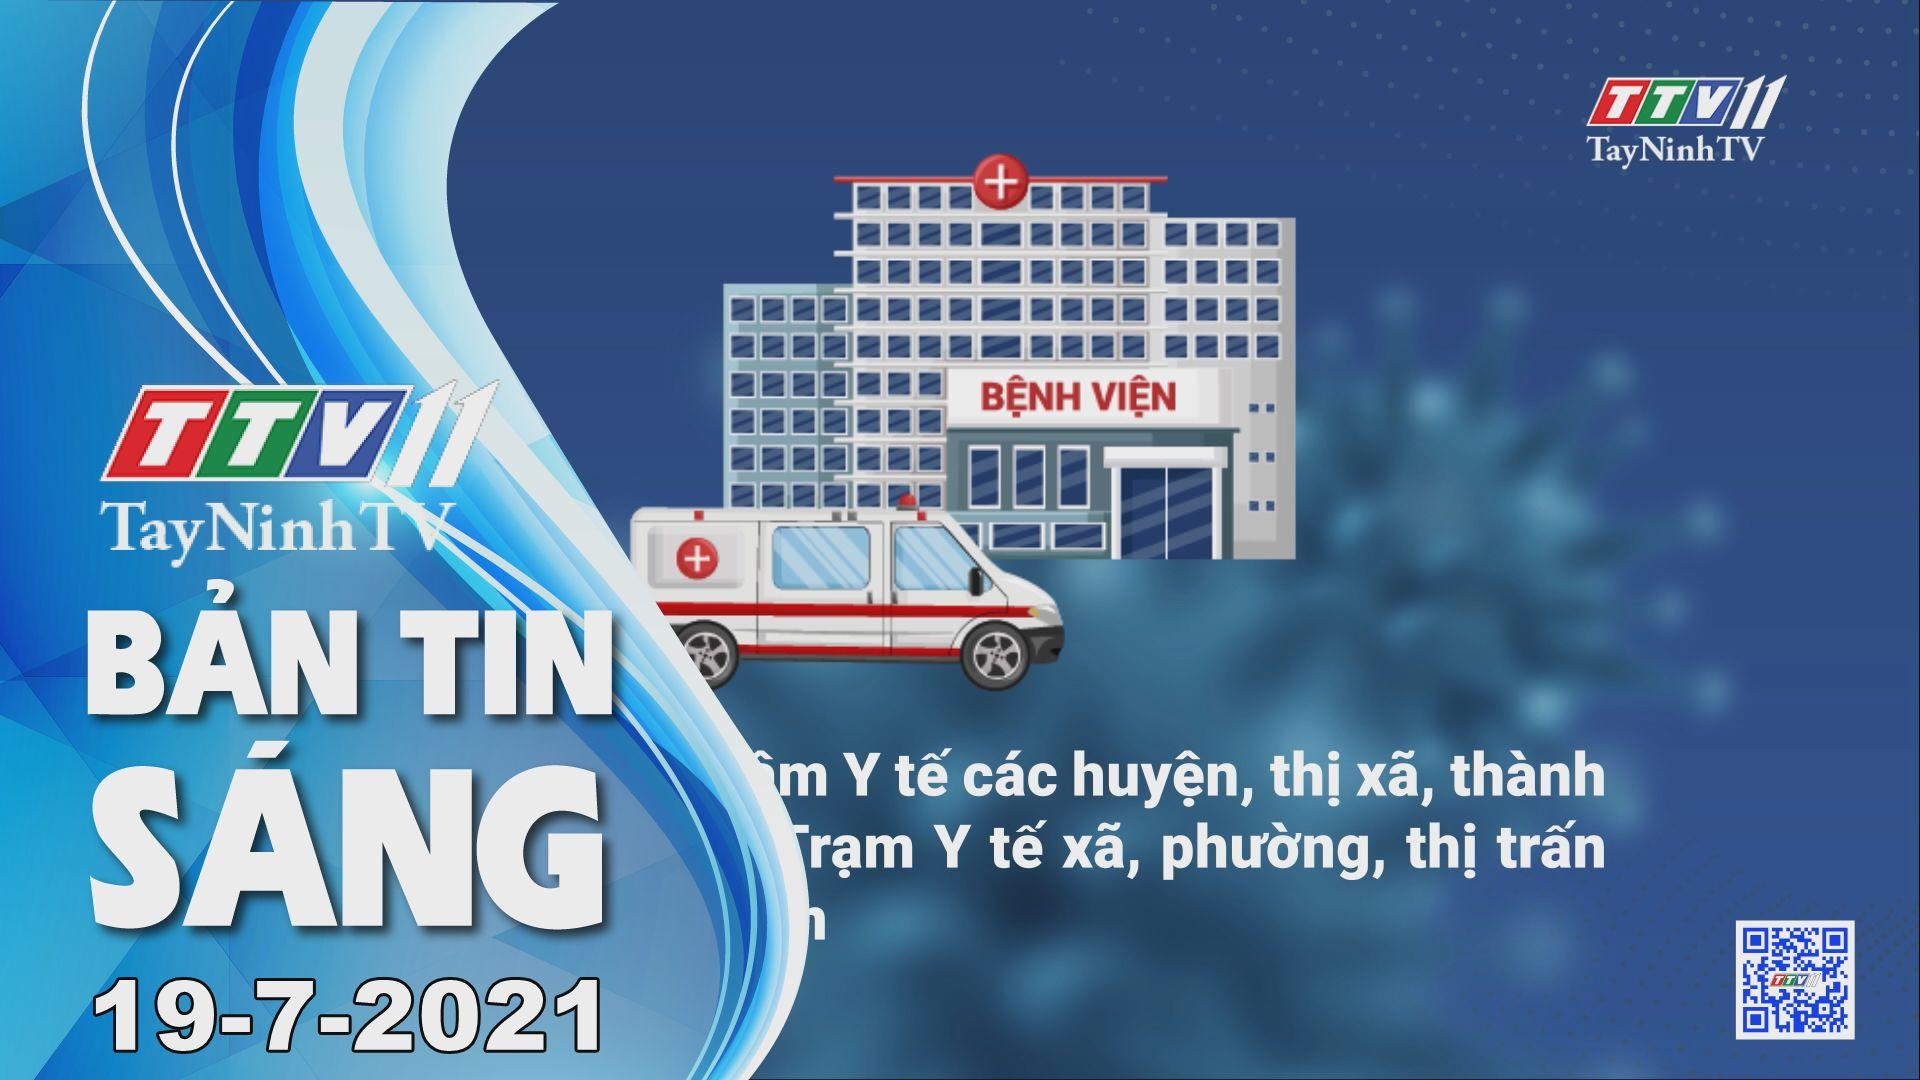 Bản tin sáng 19-7-2021 | Tin tức hôm nay | TayNinhTV